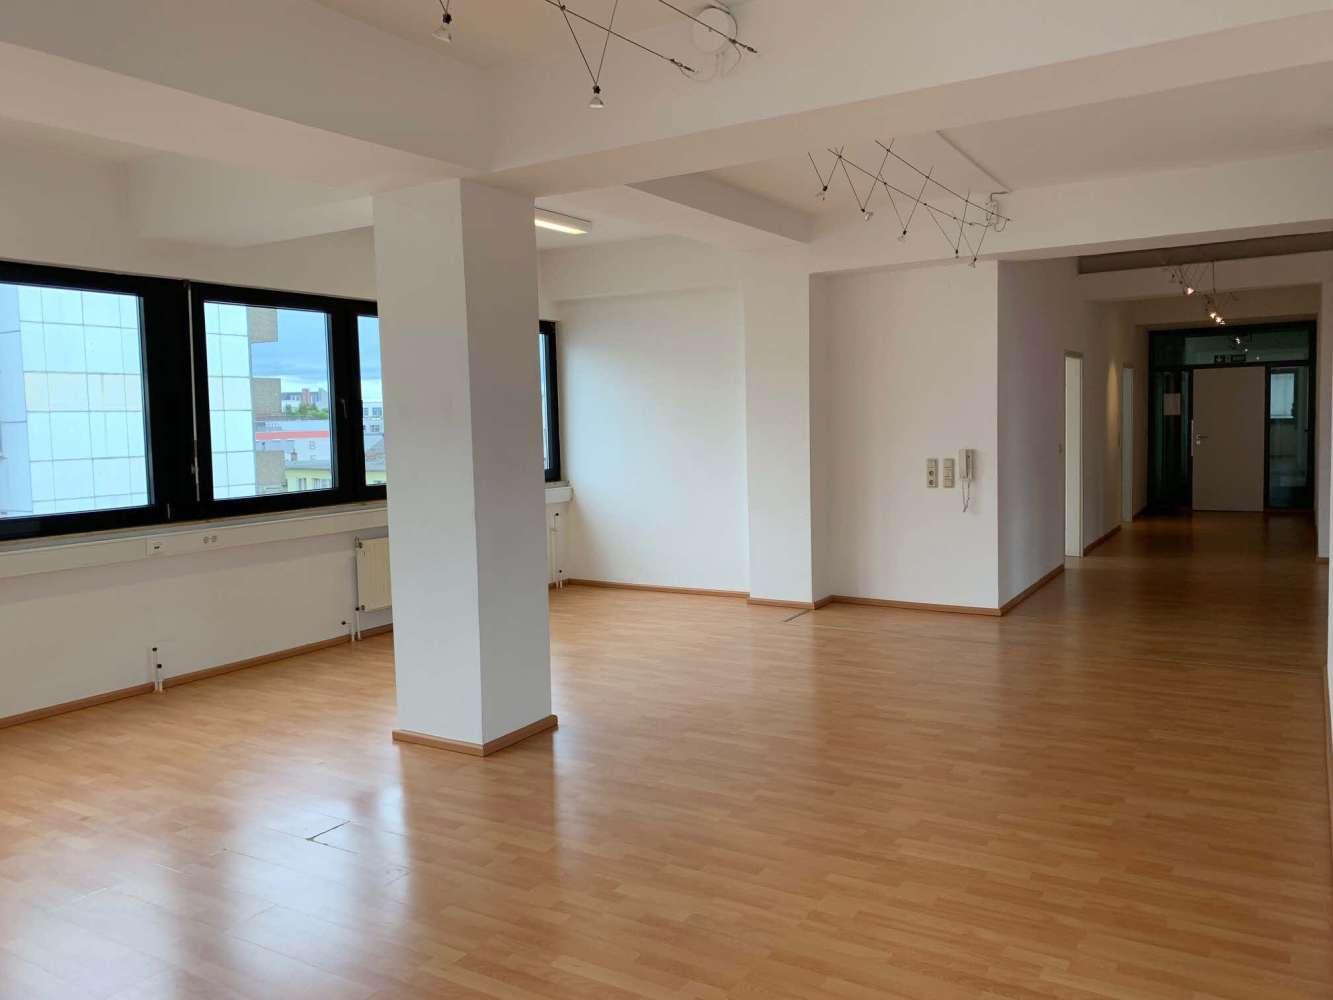 Büros Frankfurt am main, 60313 - Büro - Frankfurt am Main, Innenstadt - F0307 - 10348798